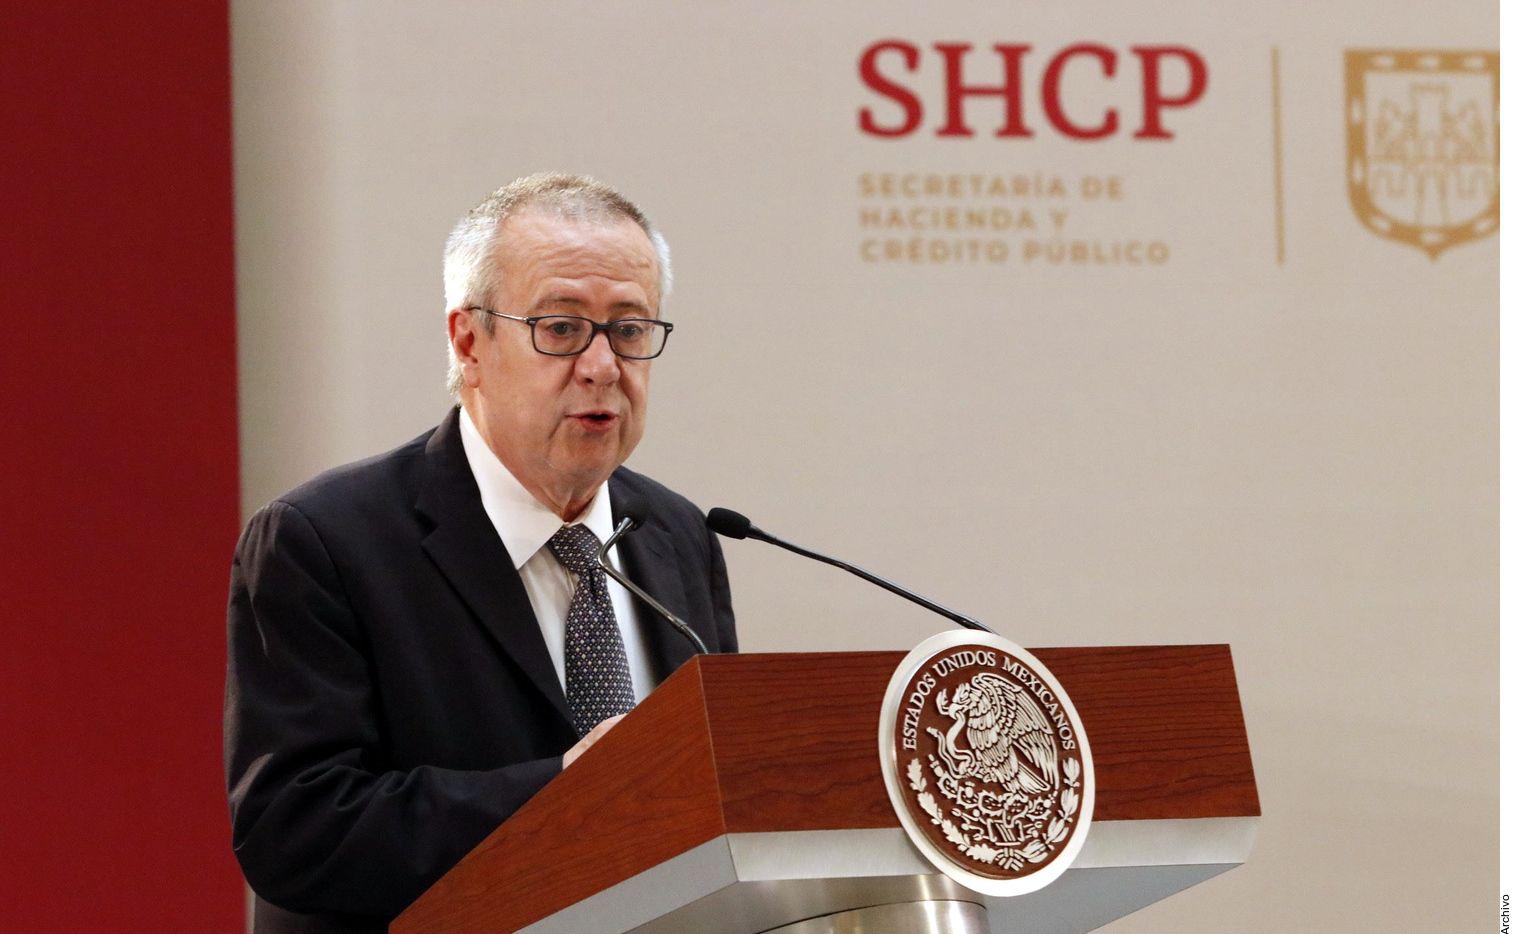 La dependencia que encabeza Carlos Urzúa también eliminará dos programas para el fomento, promoción y aplicación de las Zonas Económicas Especiales.